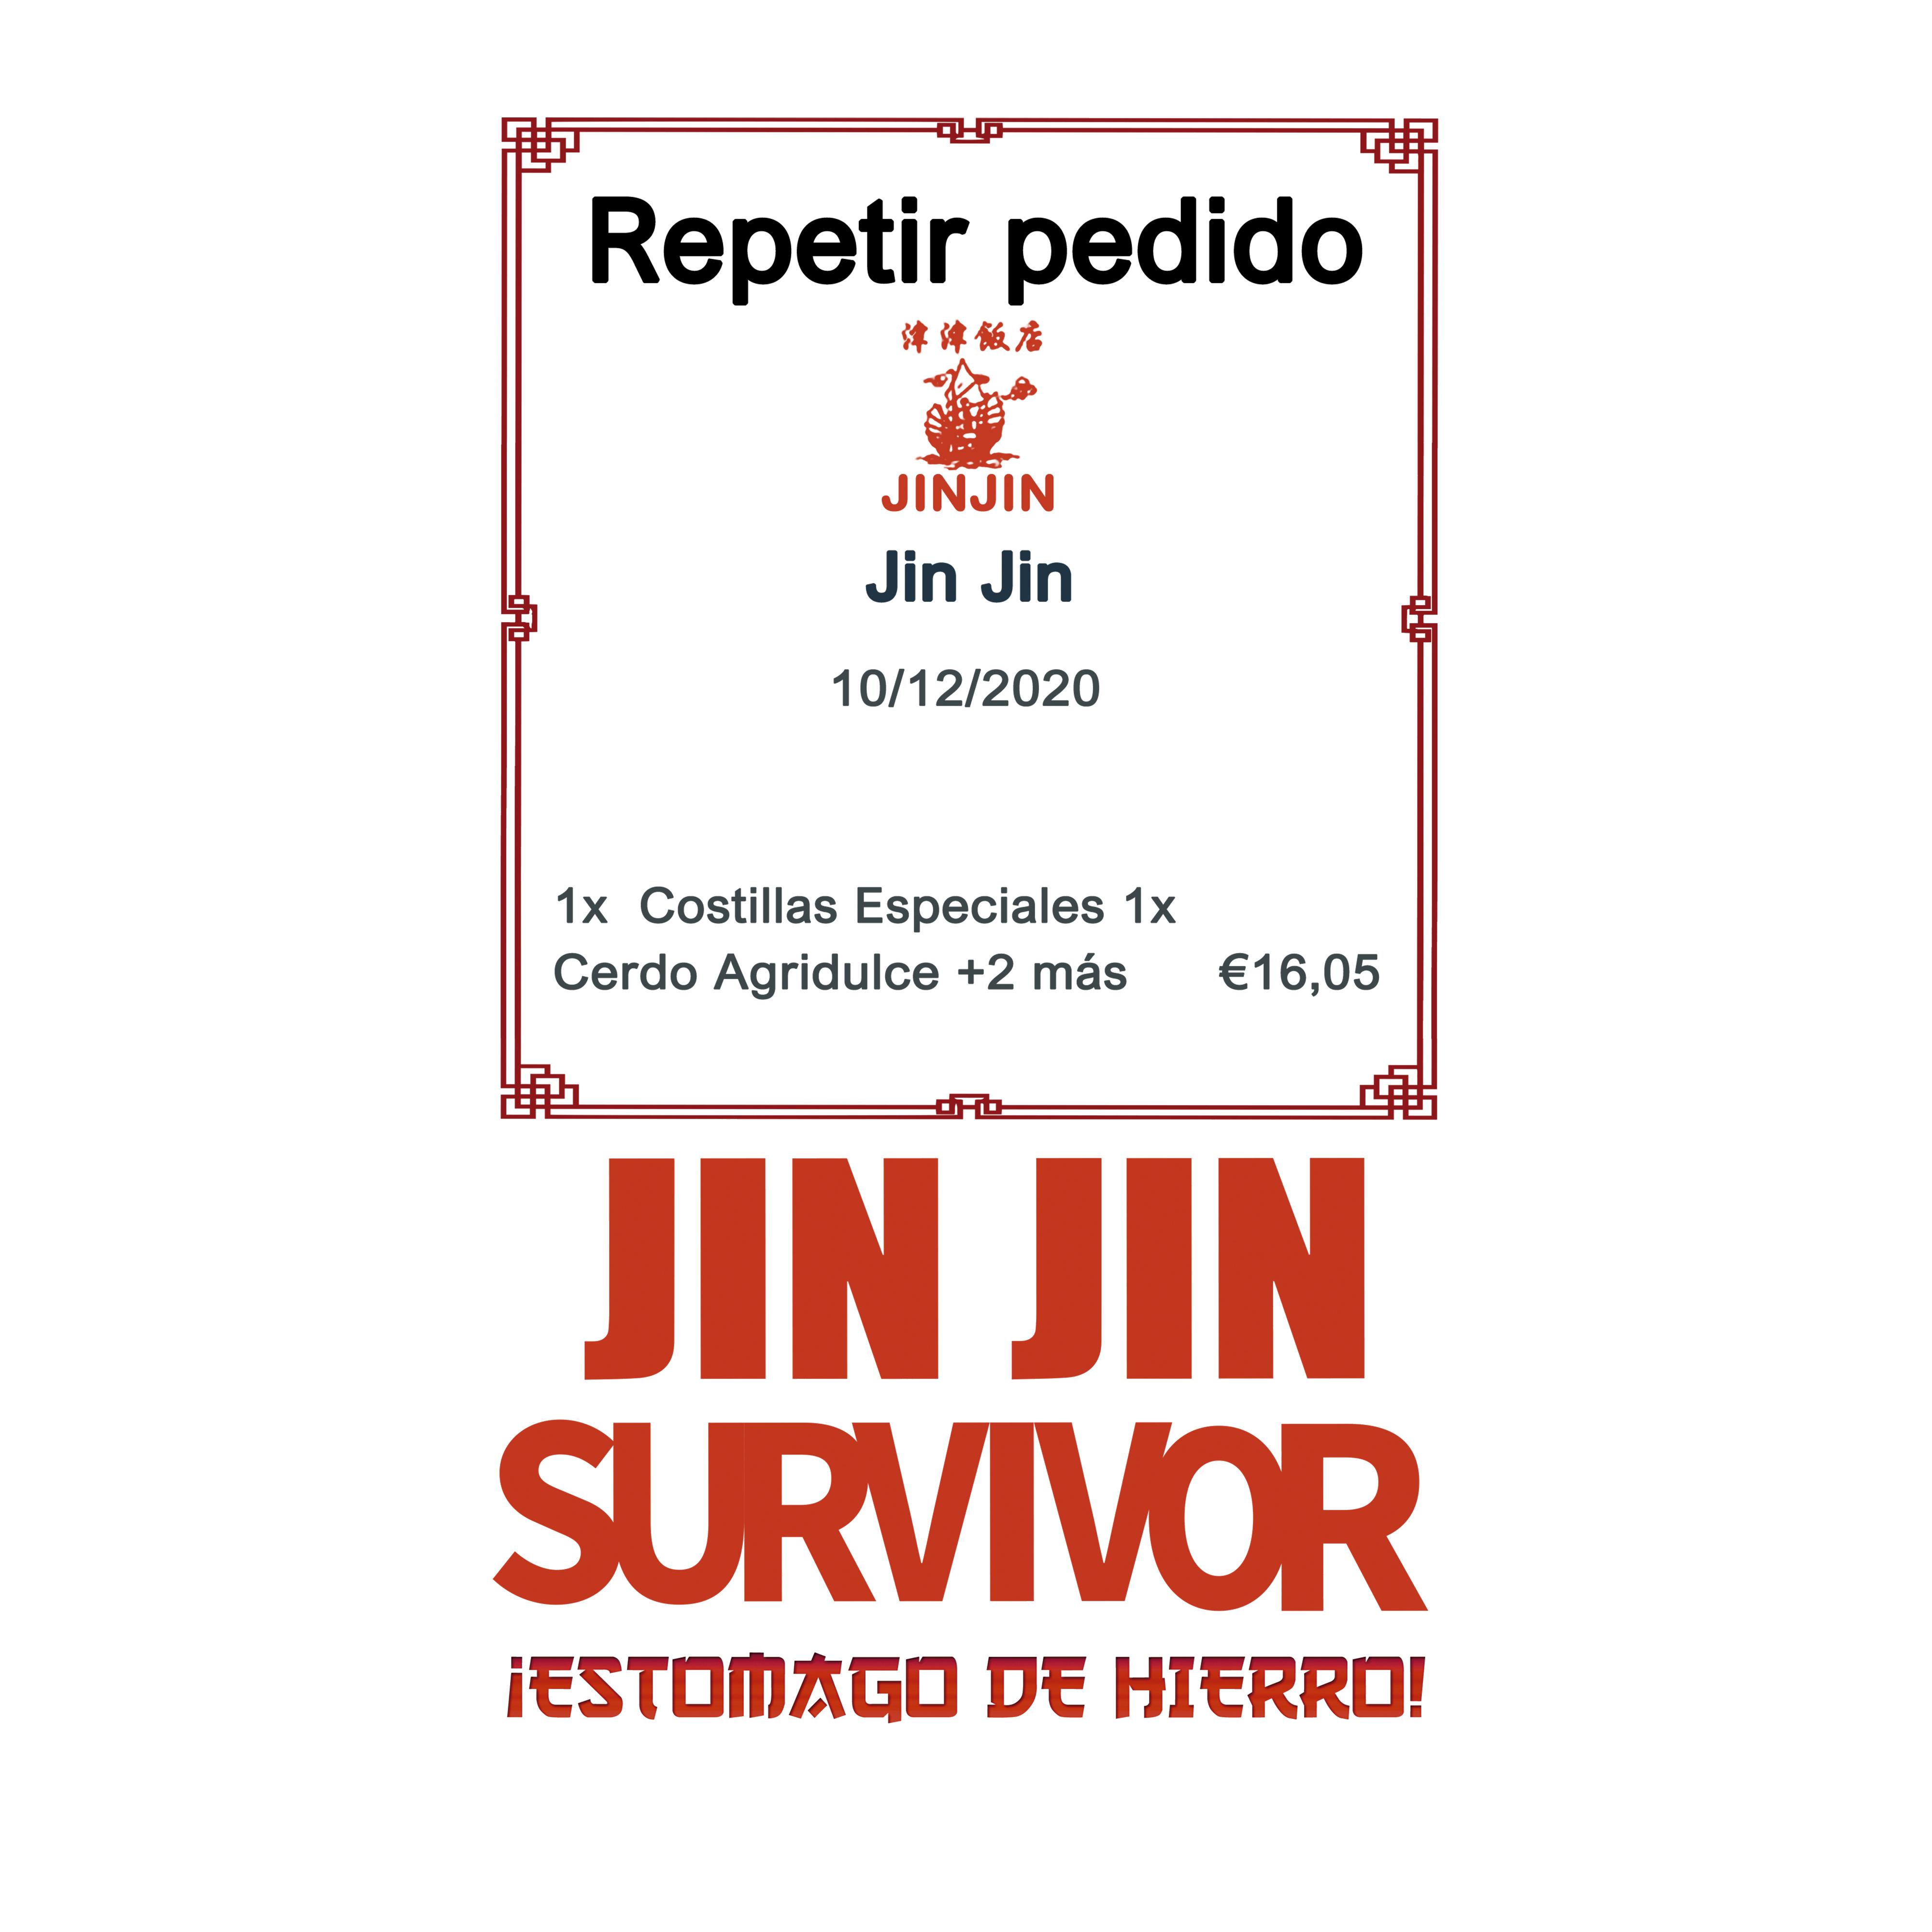 Jin-Jin-Survivor-personaliza-camiseta